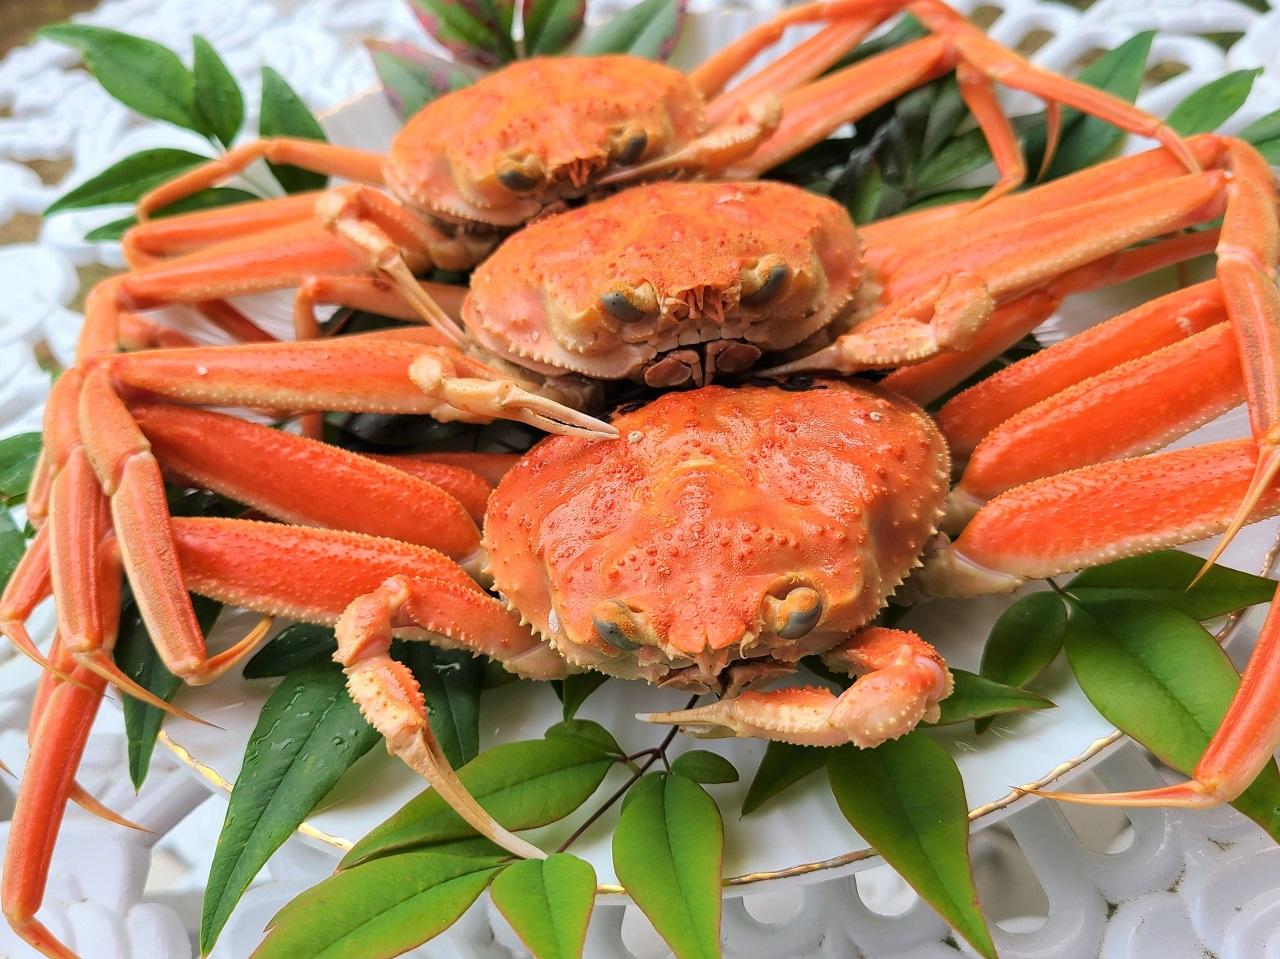 อาหารท้องถิ่น จ.อิชิกาวะ (Ishikawa) - โคบาโกะกานิ (Kobako-gani)